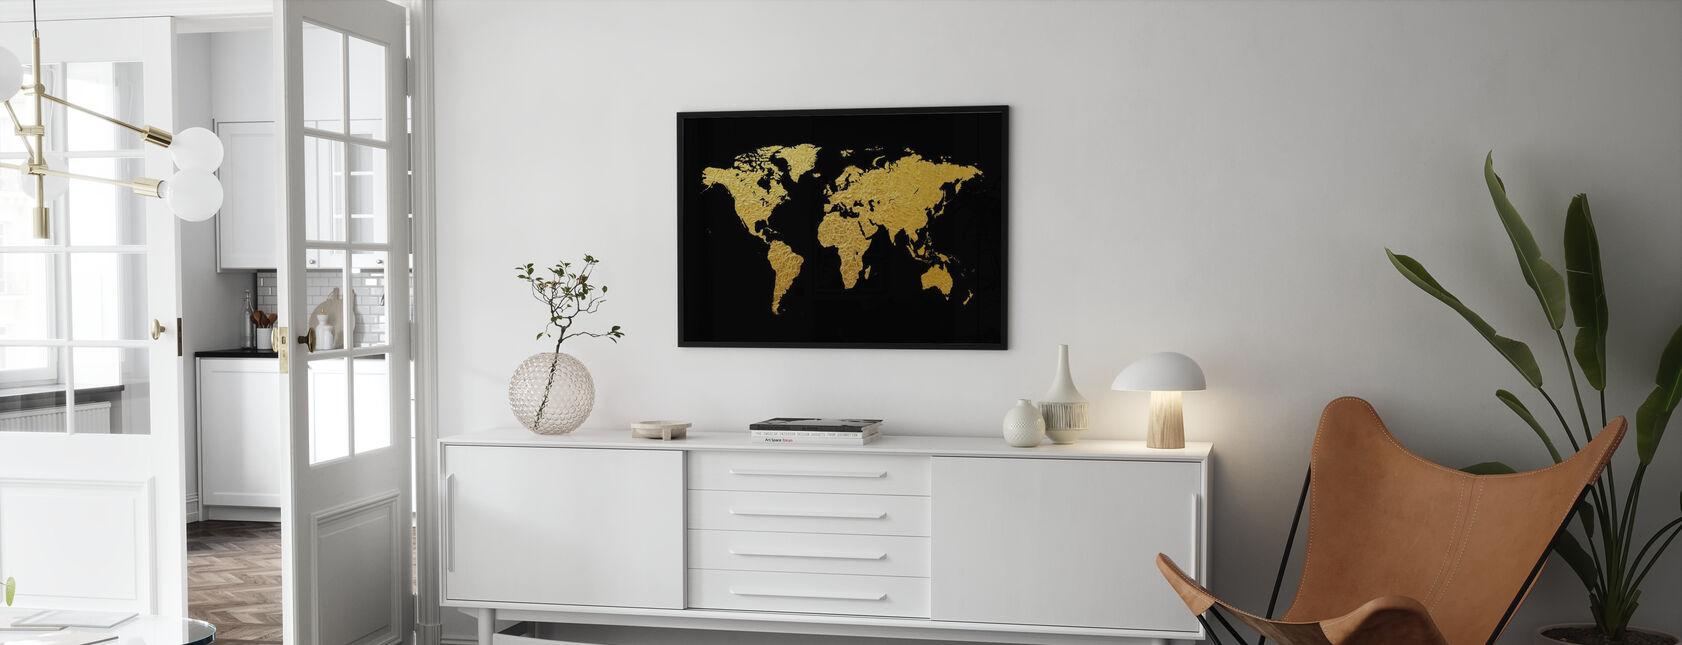 Guldverdenskort med sort baggrund - Plakat - Stue